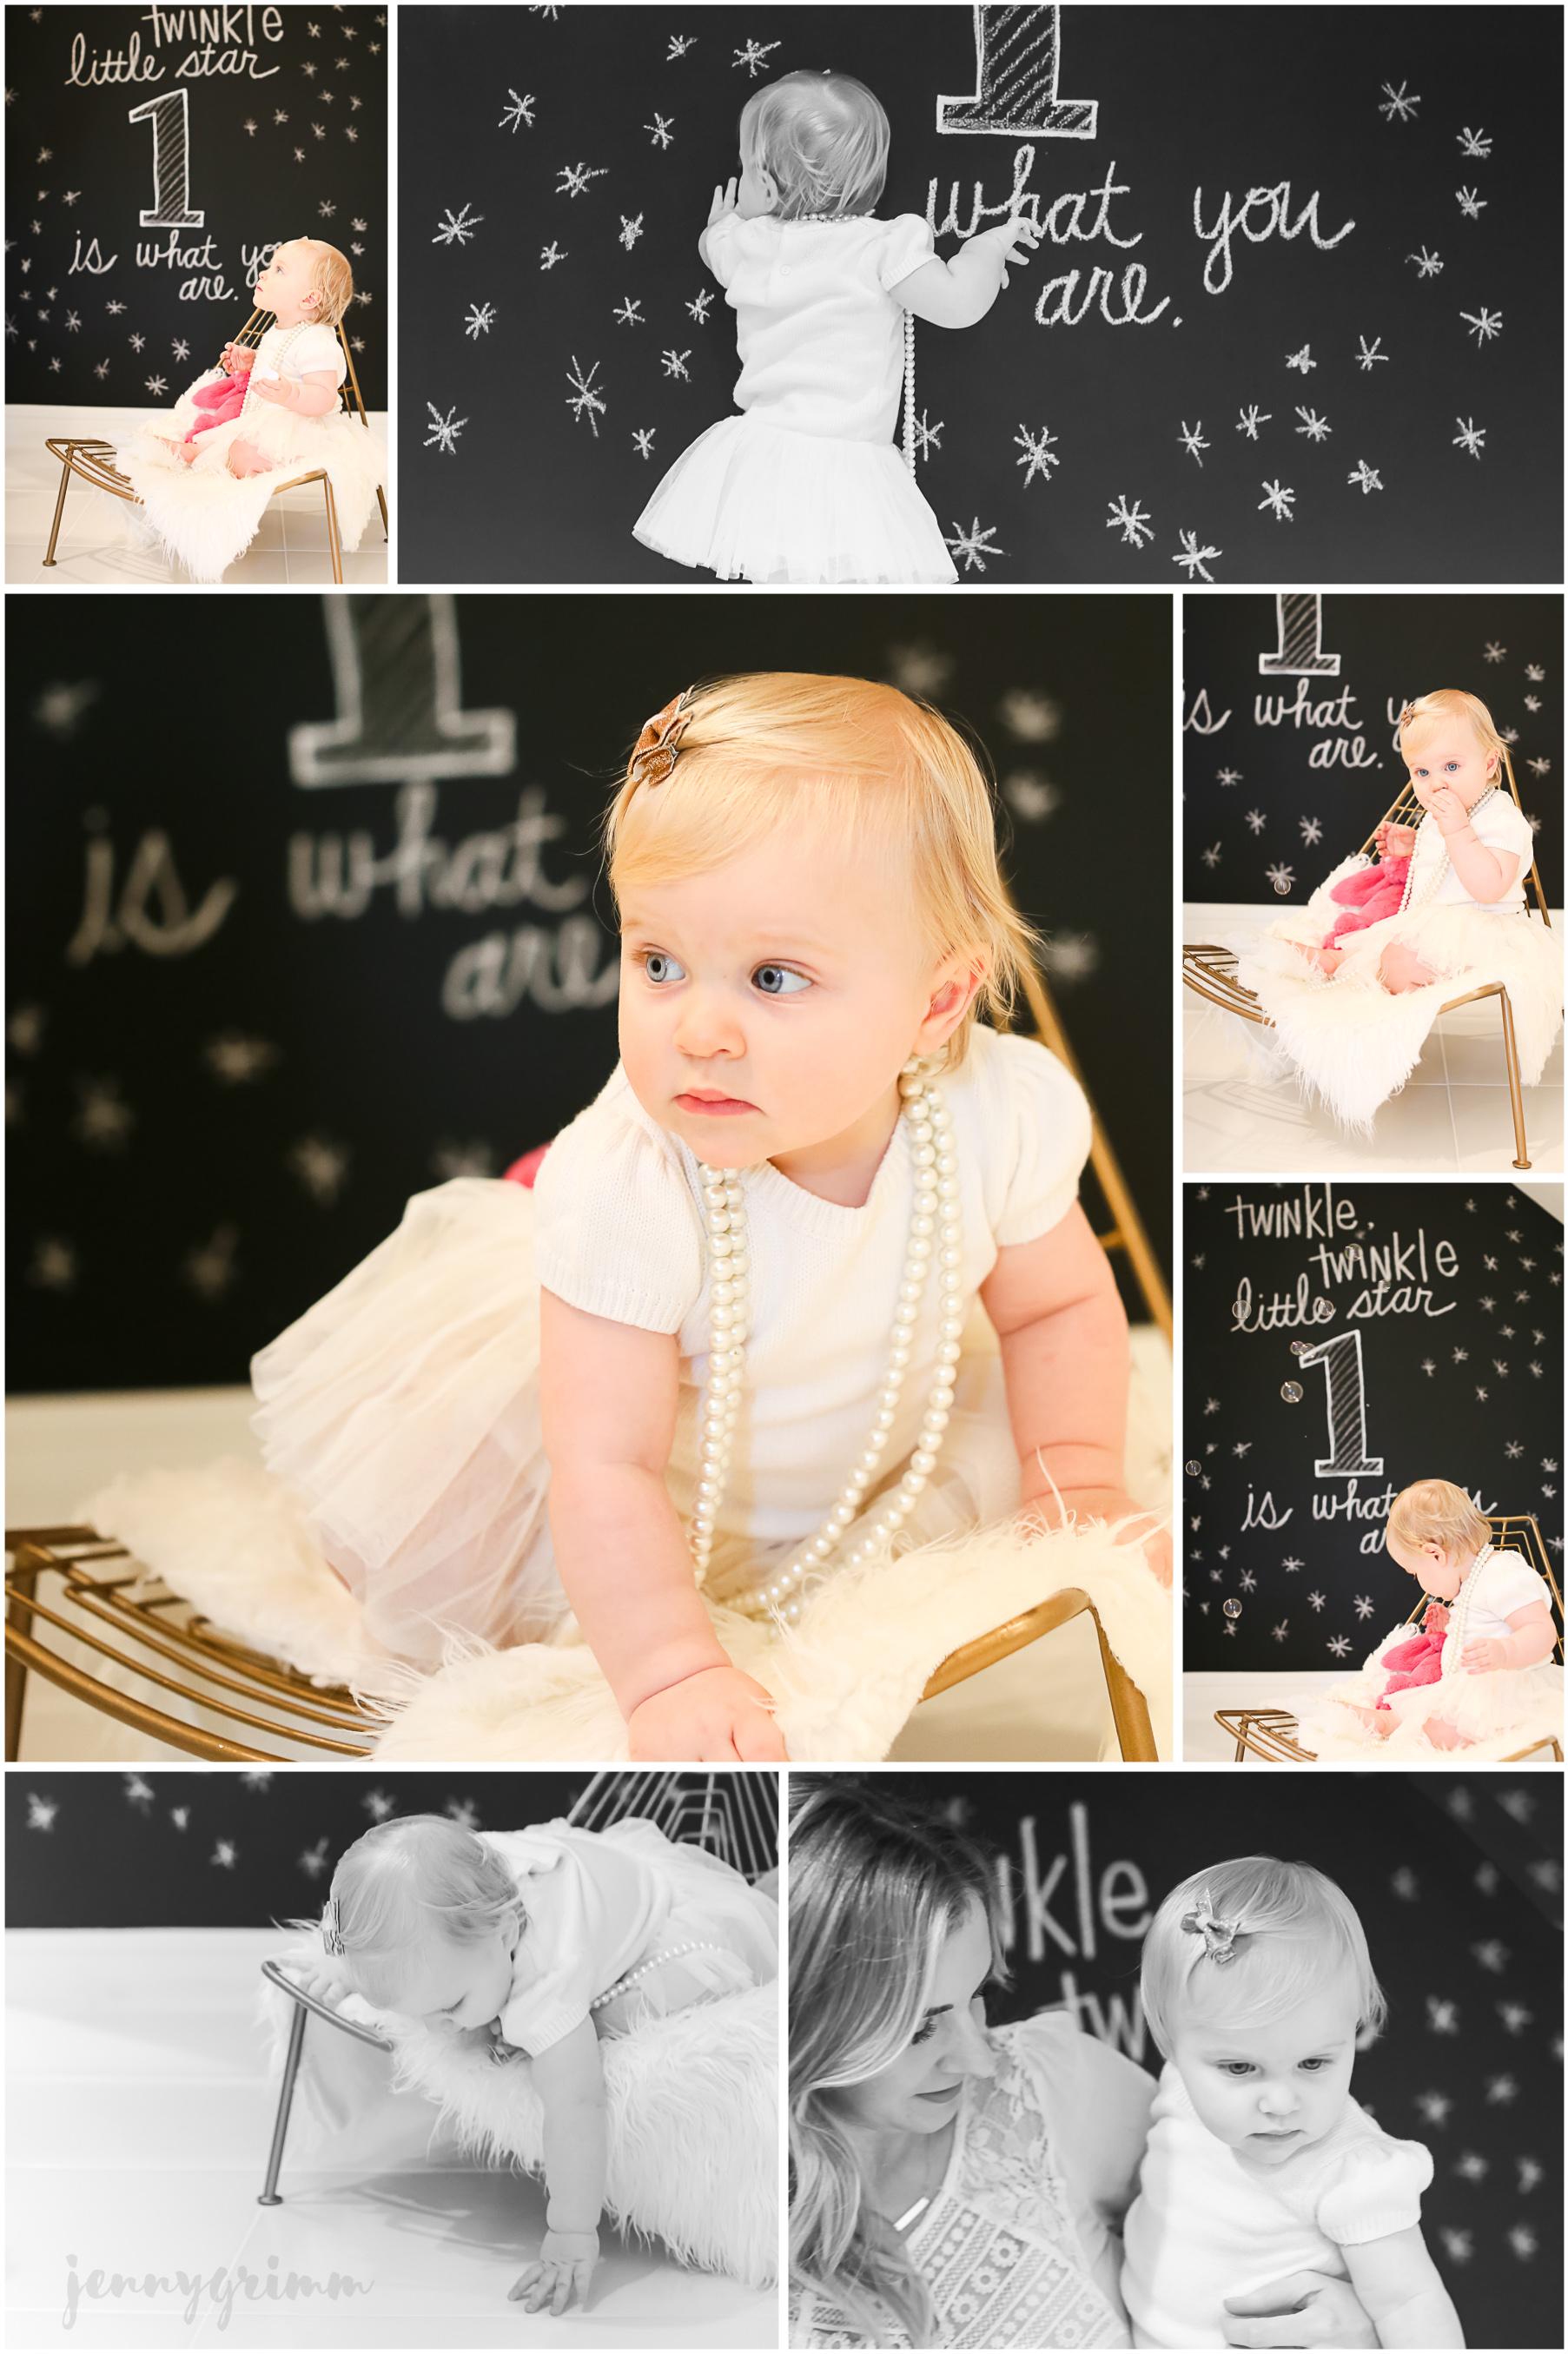 baby-one-year-photo